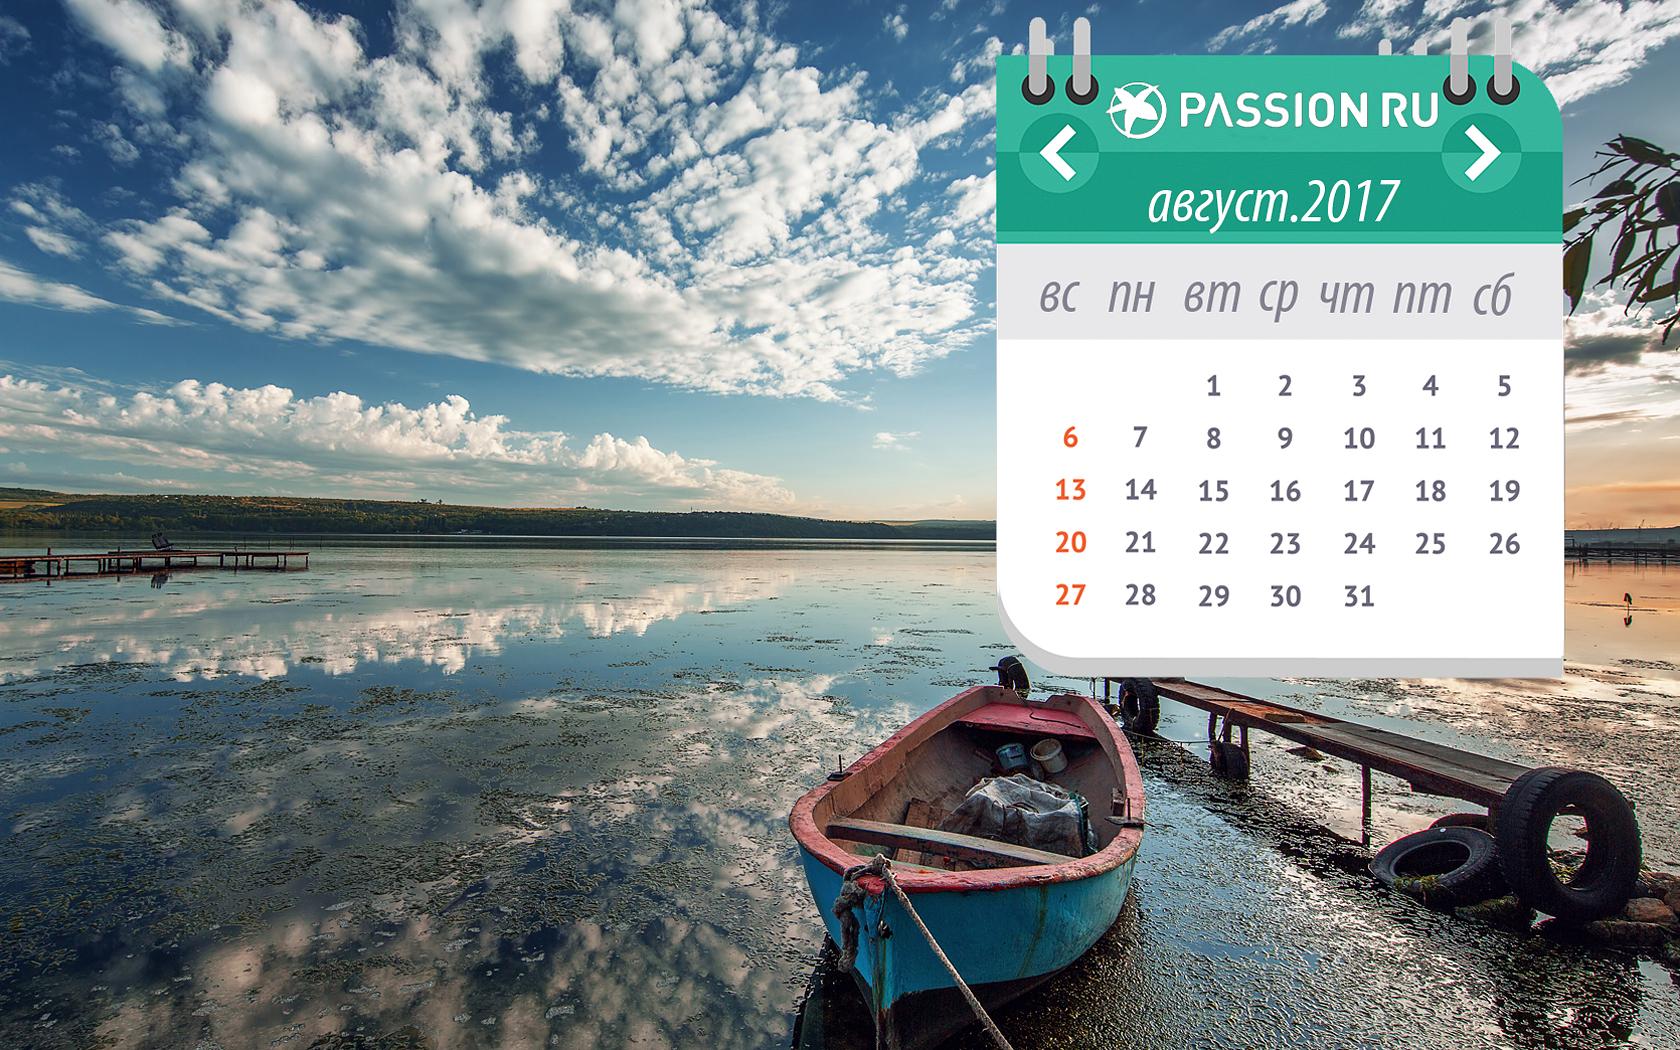 пассион ру обои на рабочий стол с календарем август 2017 № 16823 бесплатно